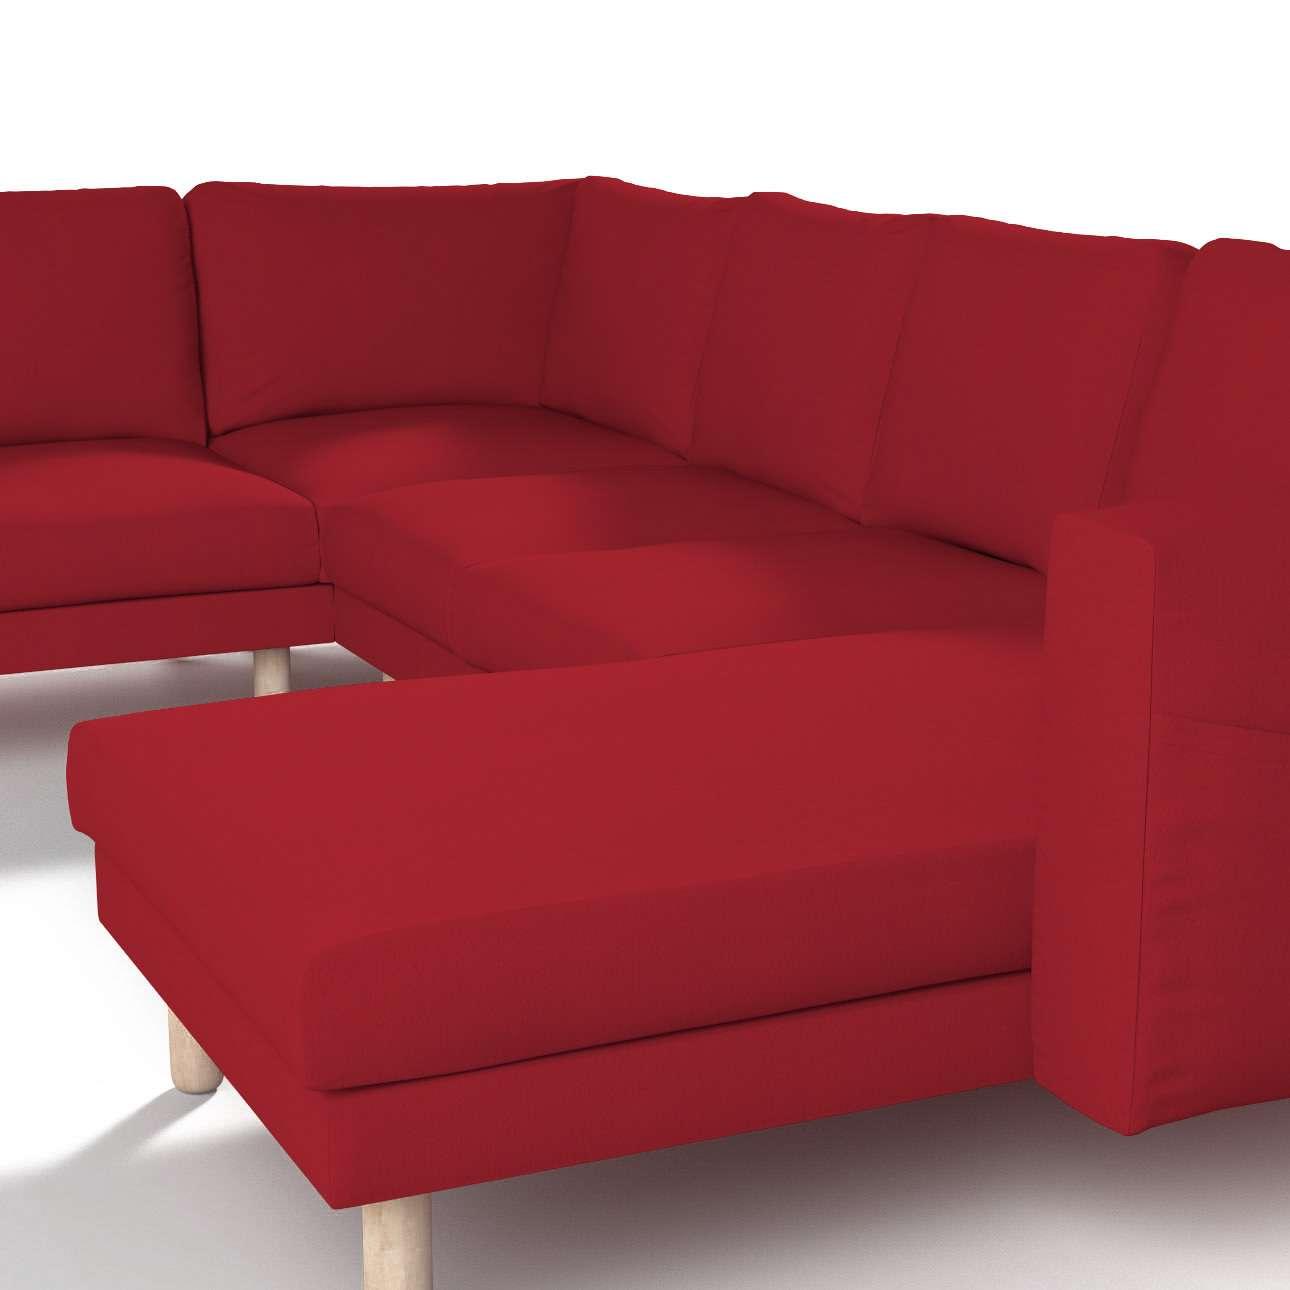 Pokrowiec na sofę narożną Norsborg 5-osobową z szezlongiem w kolekcji Chenille, tkanina: 702-24